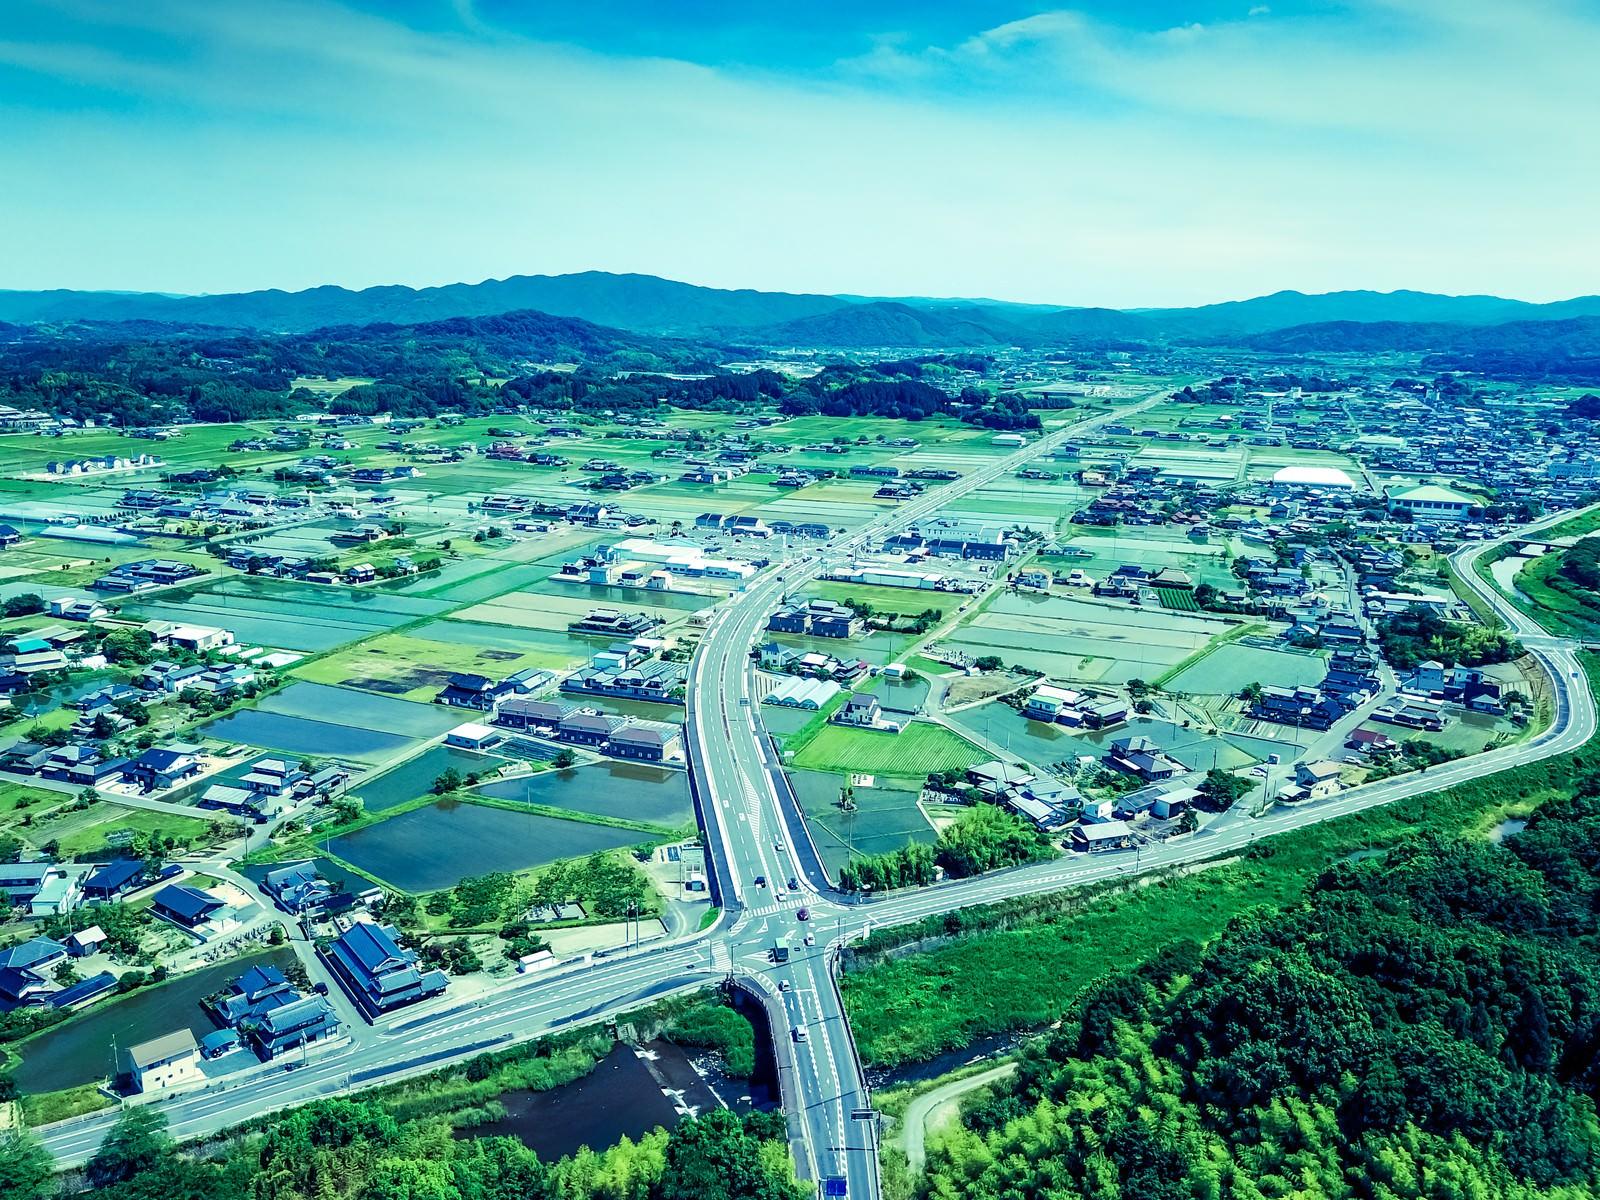 「山林に覆われる岡山県鏡野町の都会部分」の写真